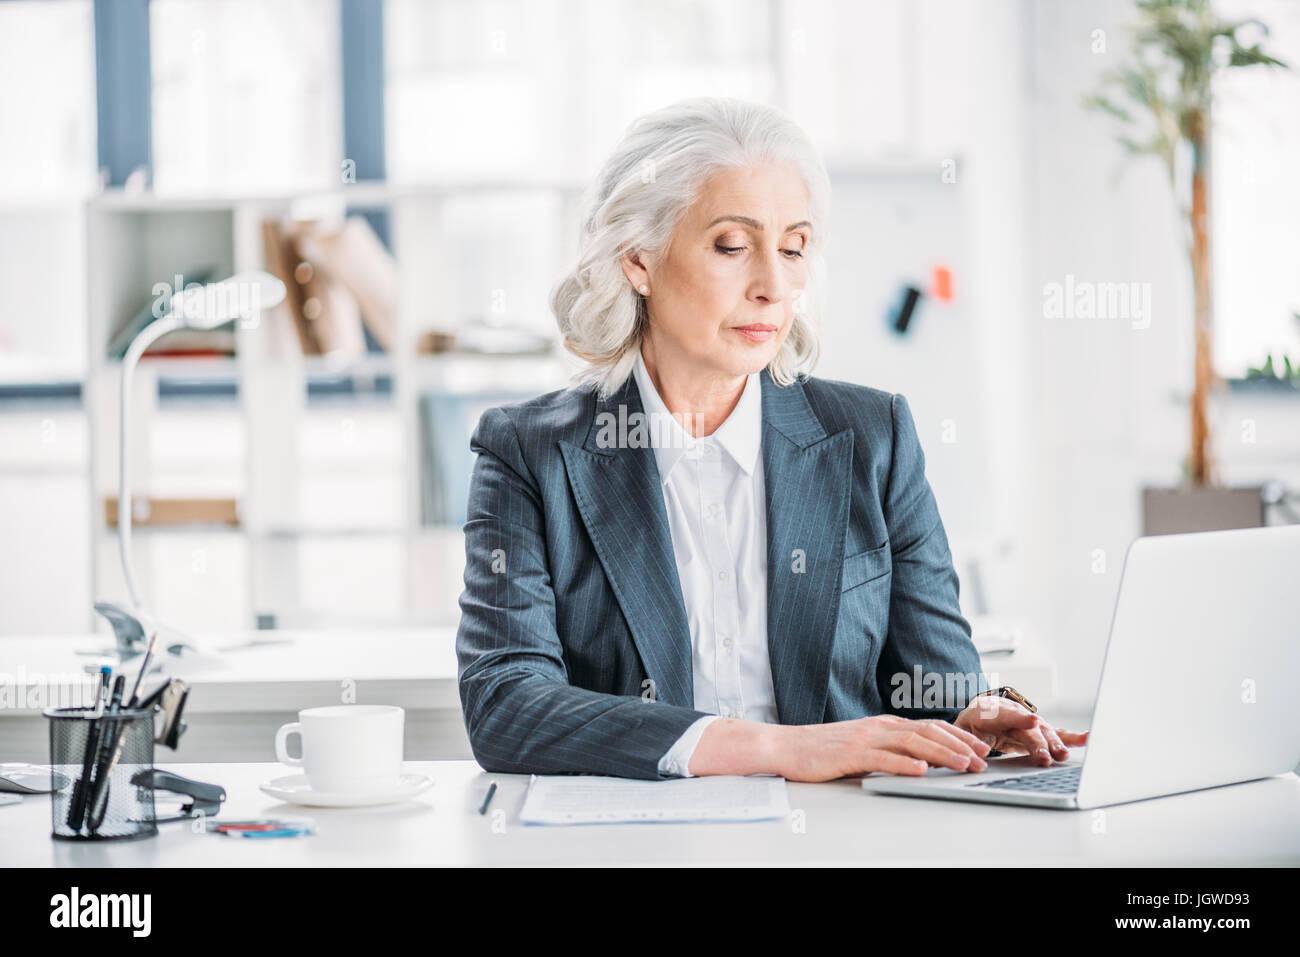 Ritratto di fiducioso imprenditrice digitando su laptop al lavoro in ufficio moderno Immagini Stock